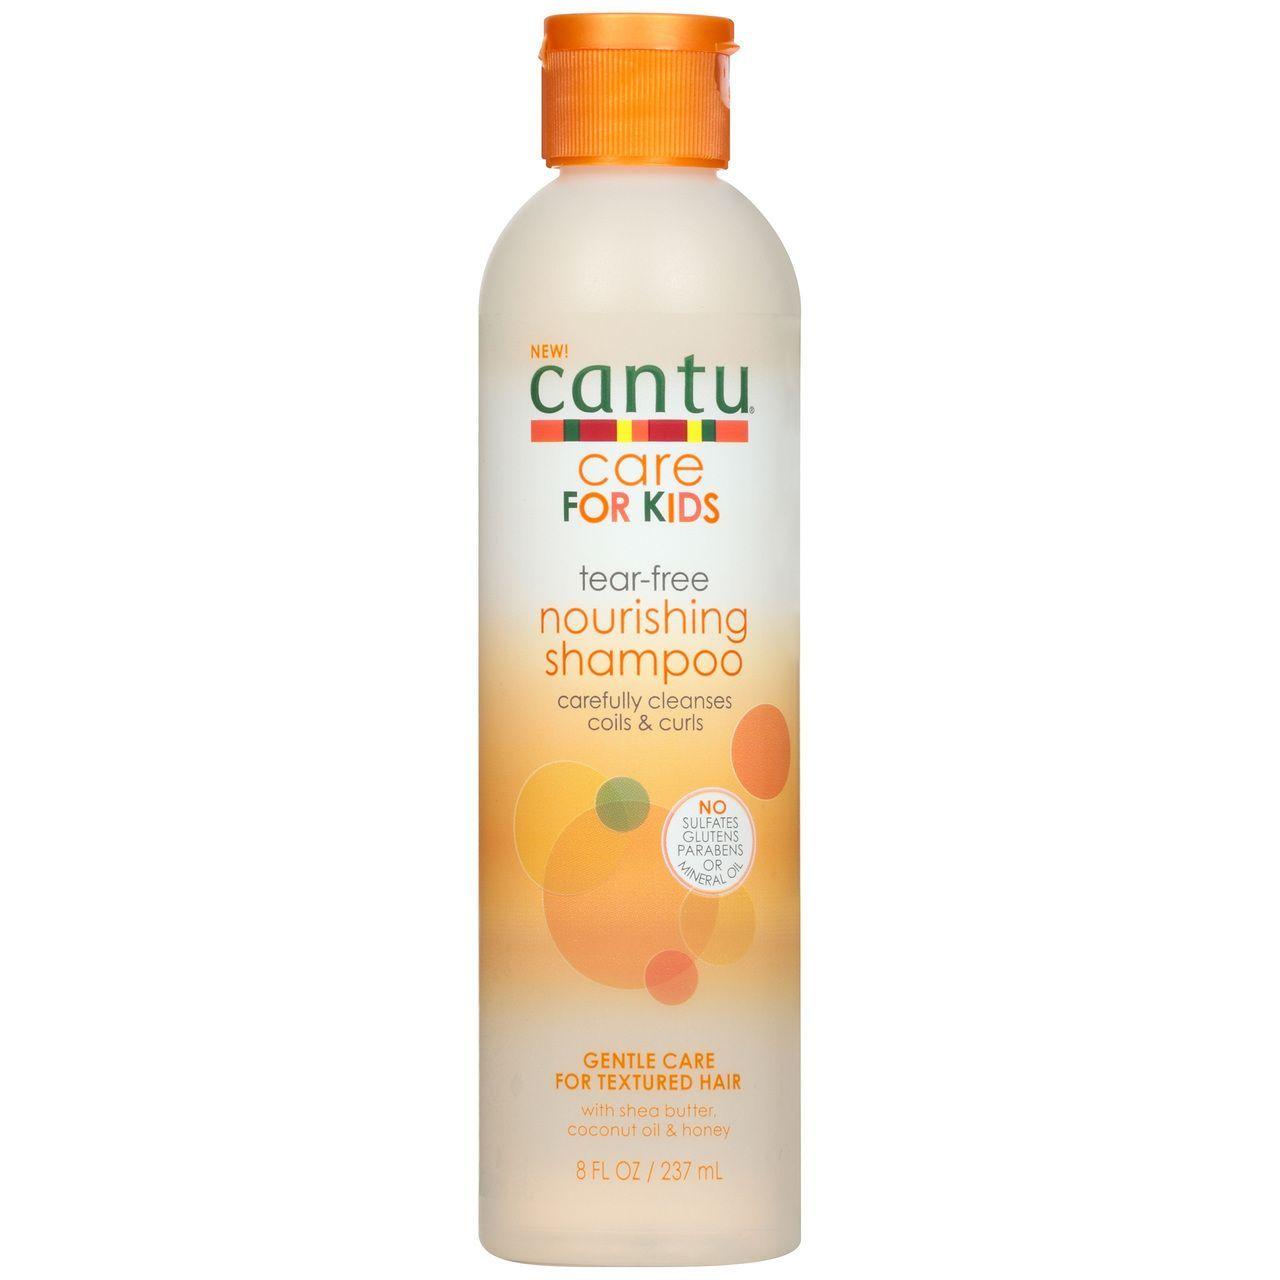 Cantu Care for Kids Tear-Free Nourishing Shampoo - 237ml